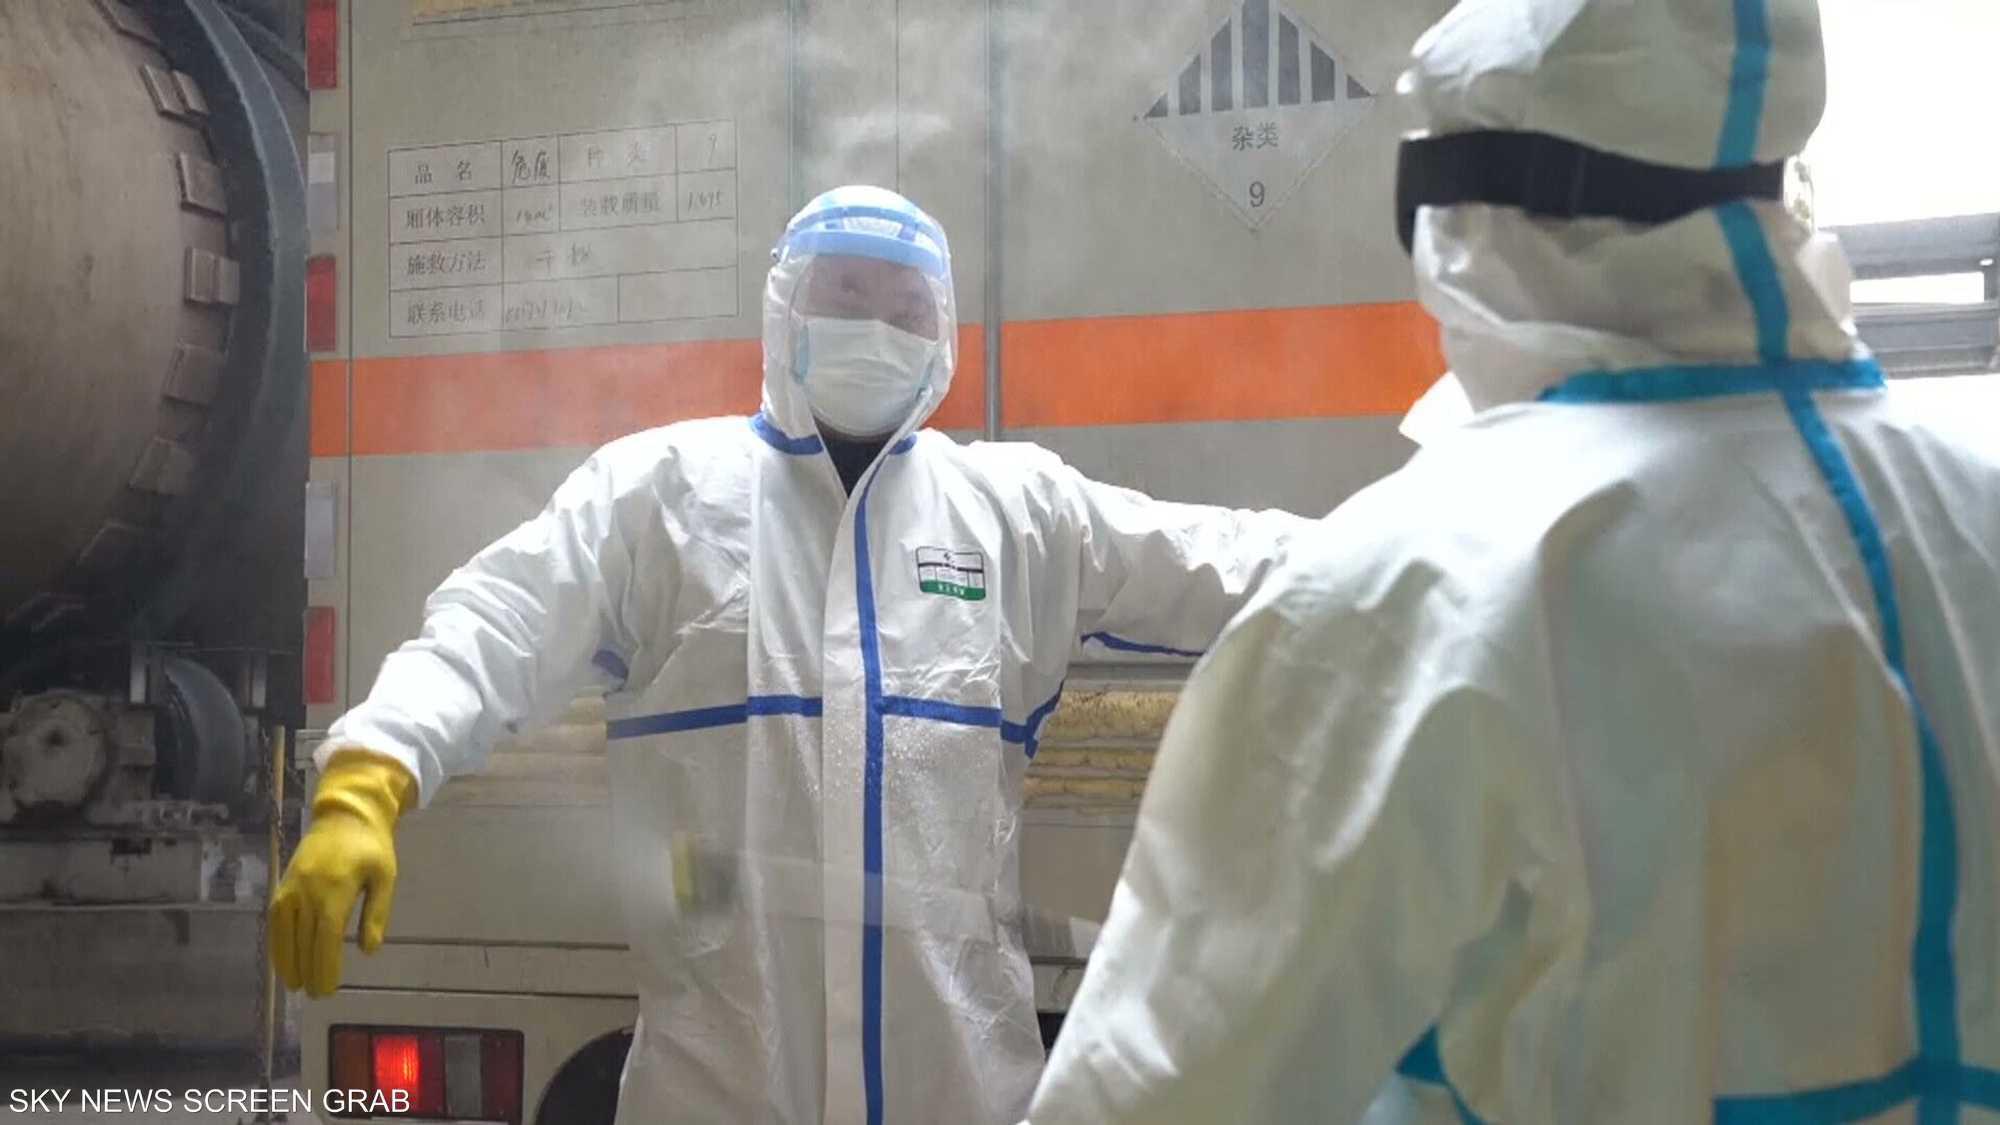 النفايات الطبية في زمن كورونا.. قنبلة صحية وبيئية موقوتة